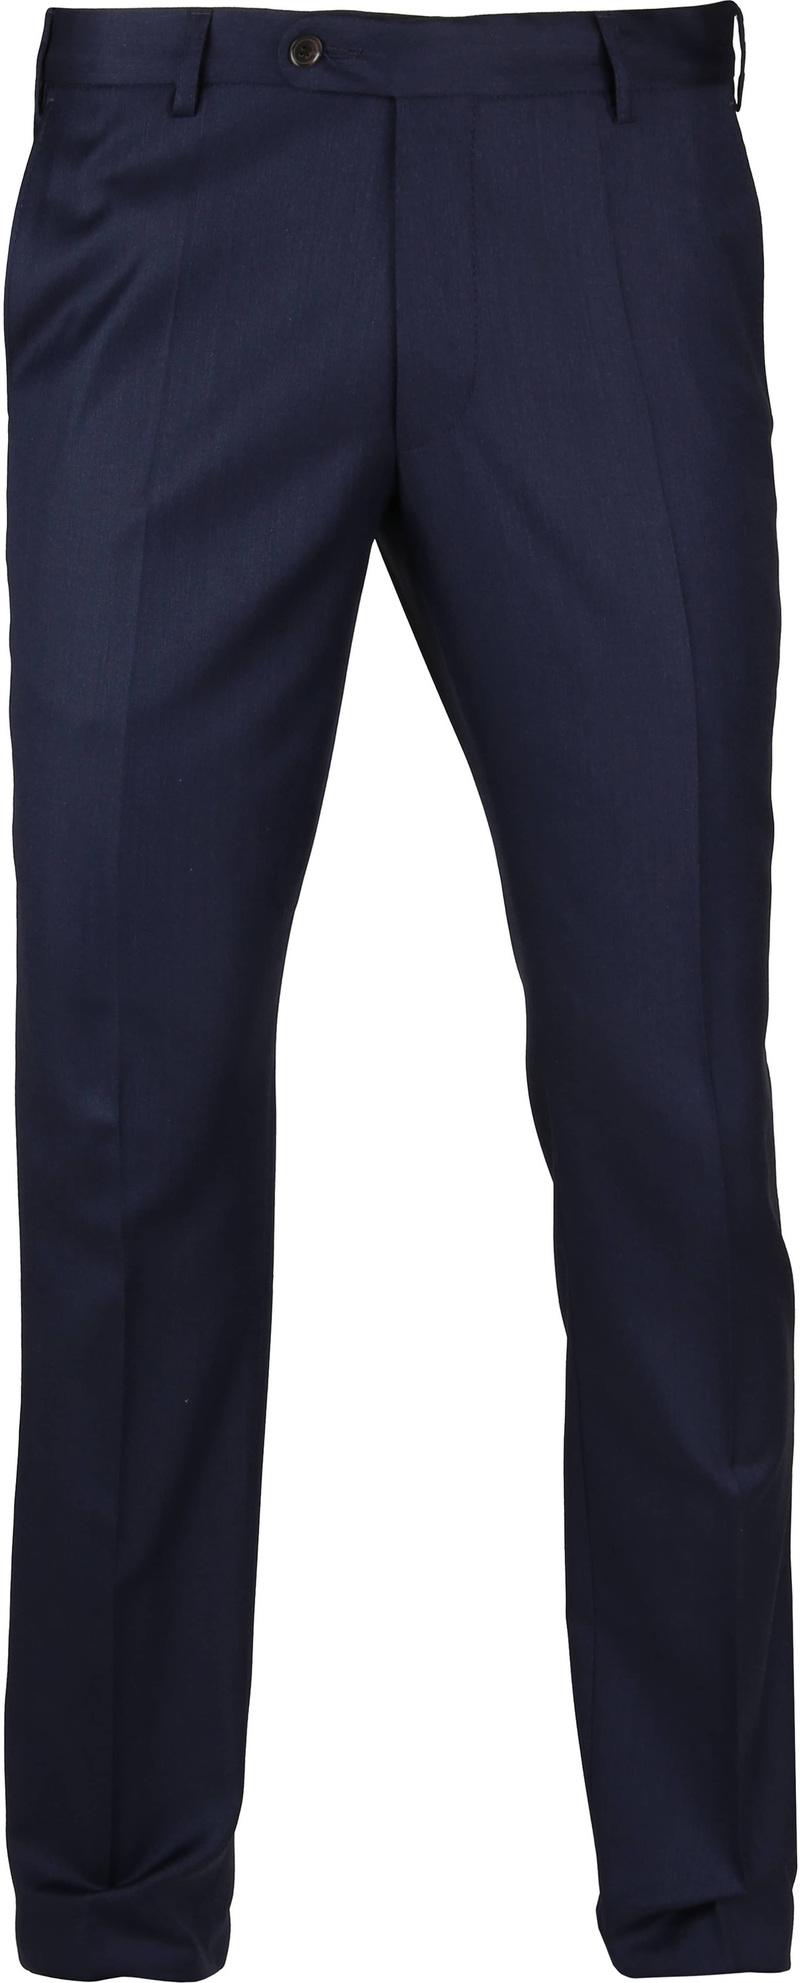 Suitable Pantalon Evans Navy foto 0